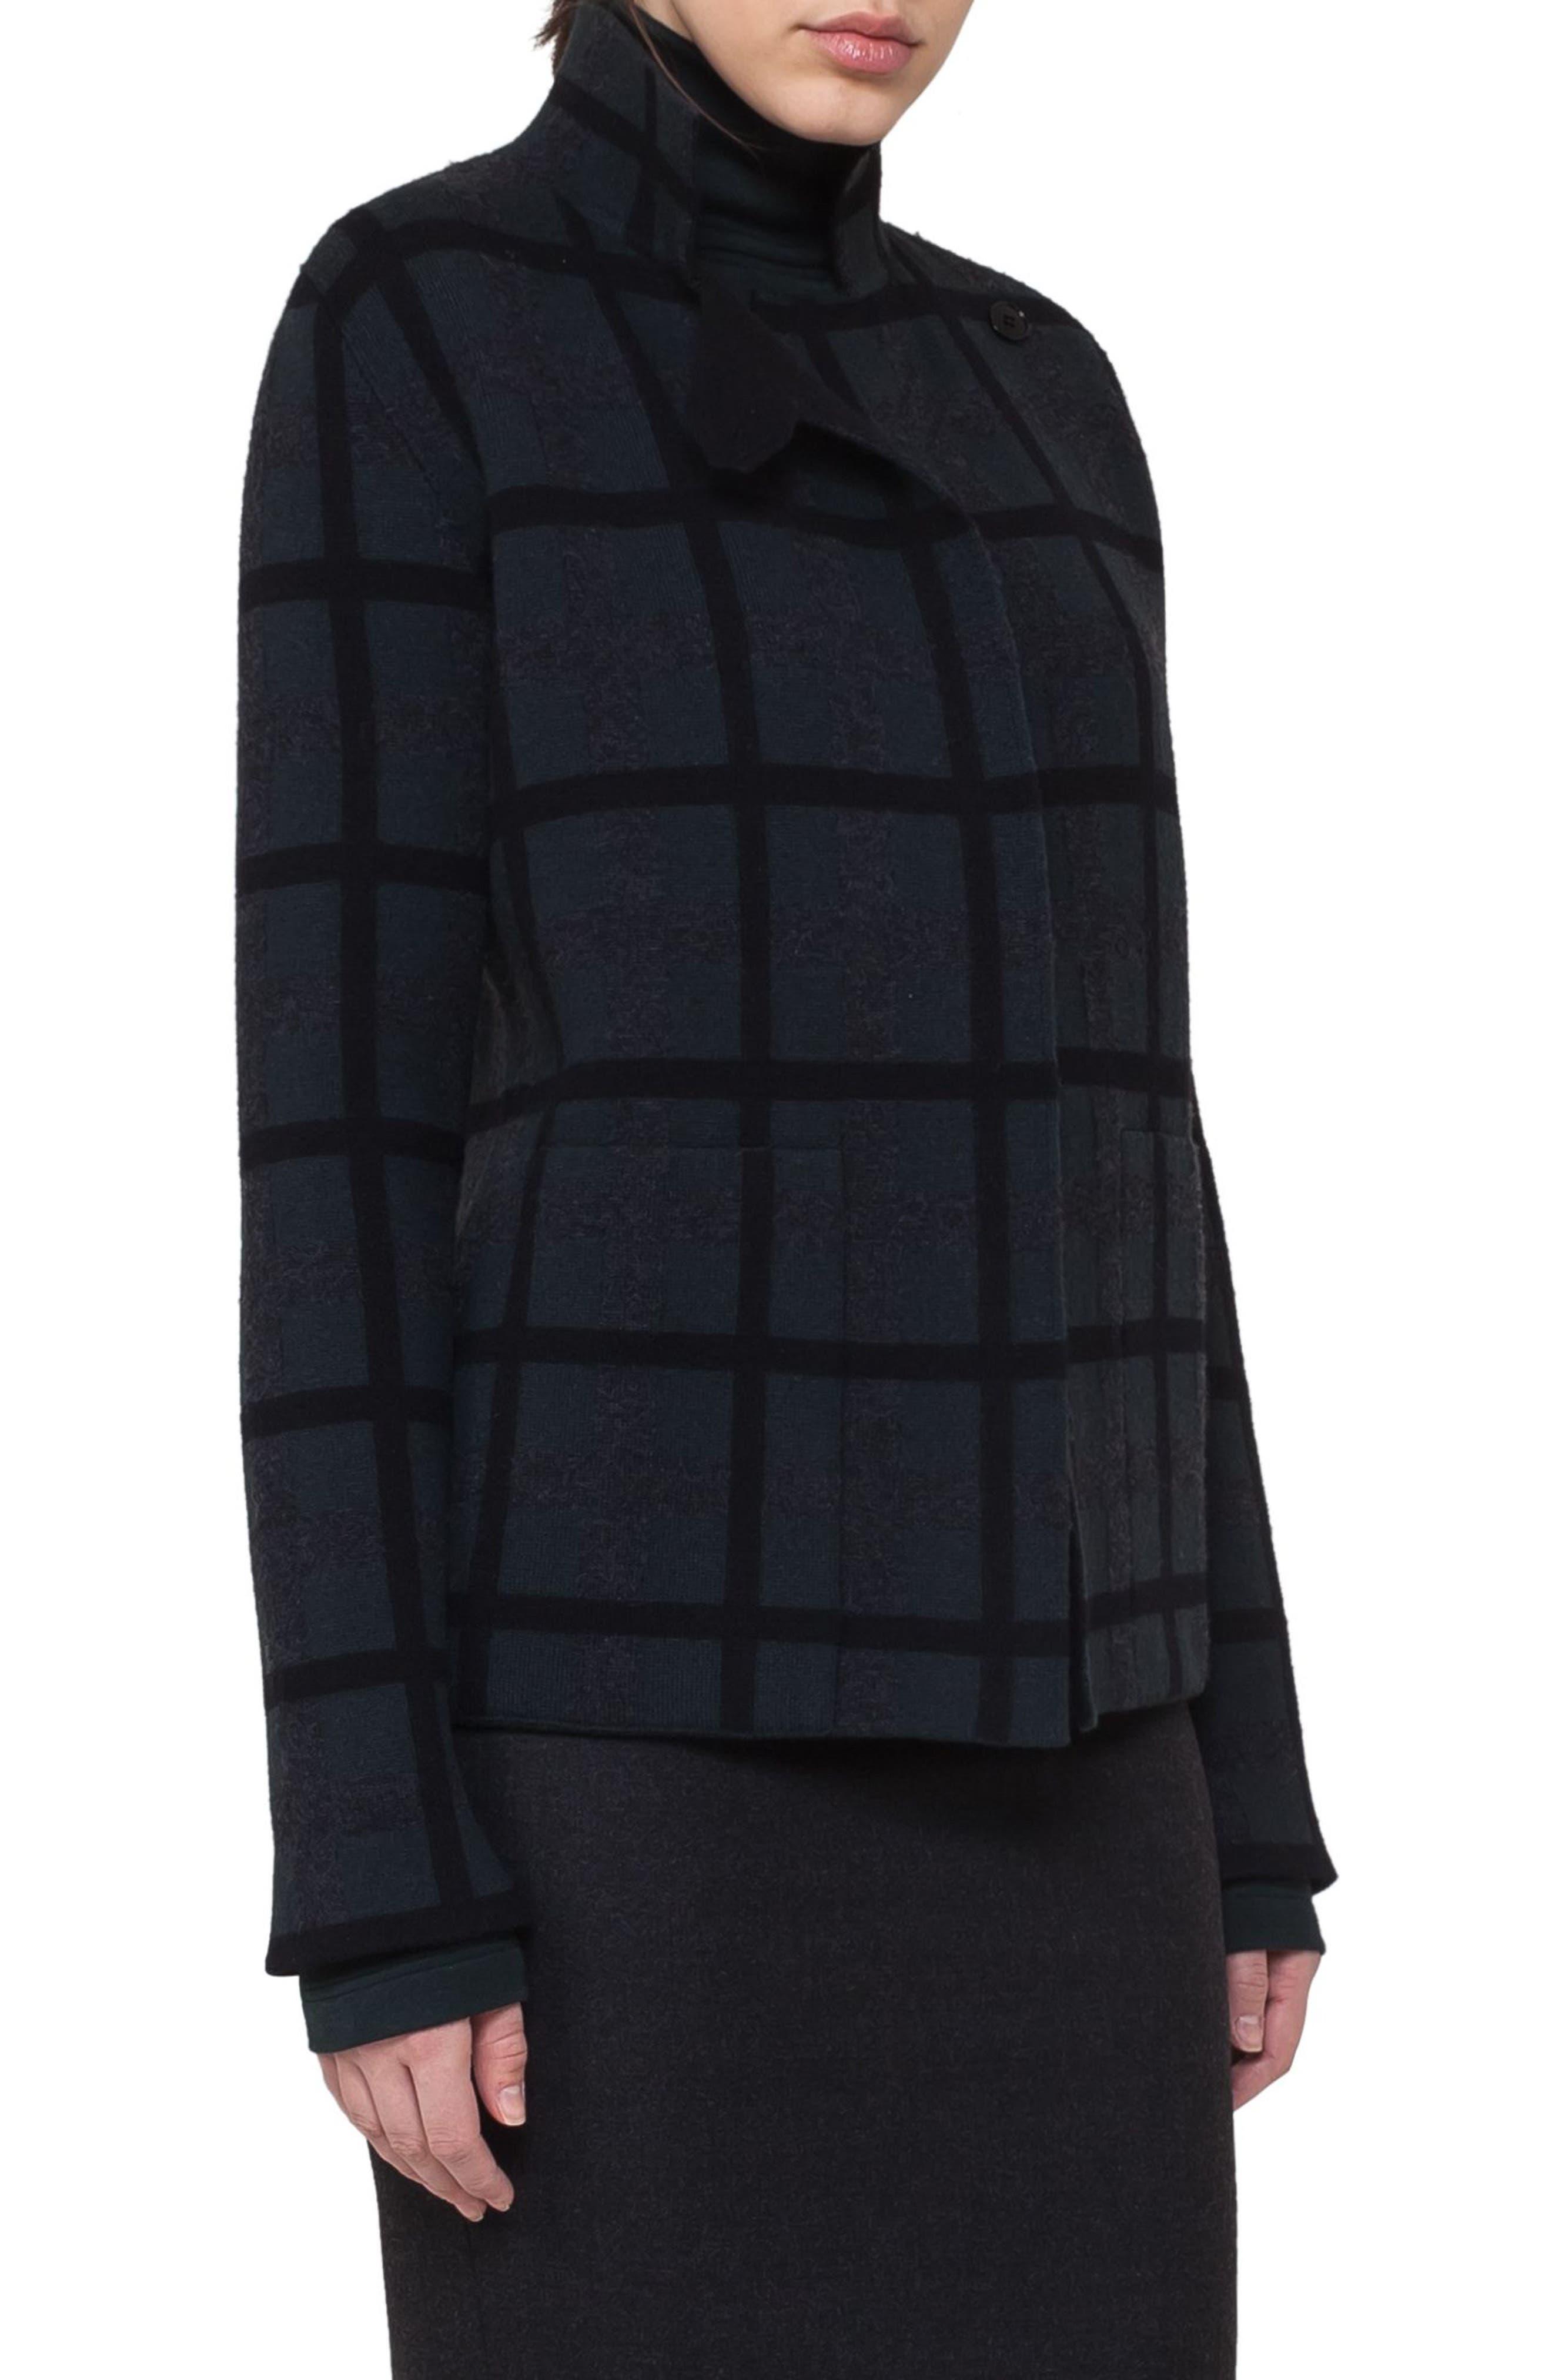 Double Face Cashmere Reversible Plaid Jacket,                         Main,                         color, Shadow-Black